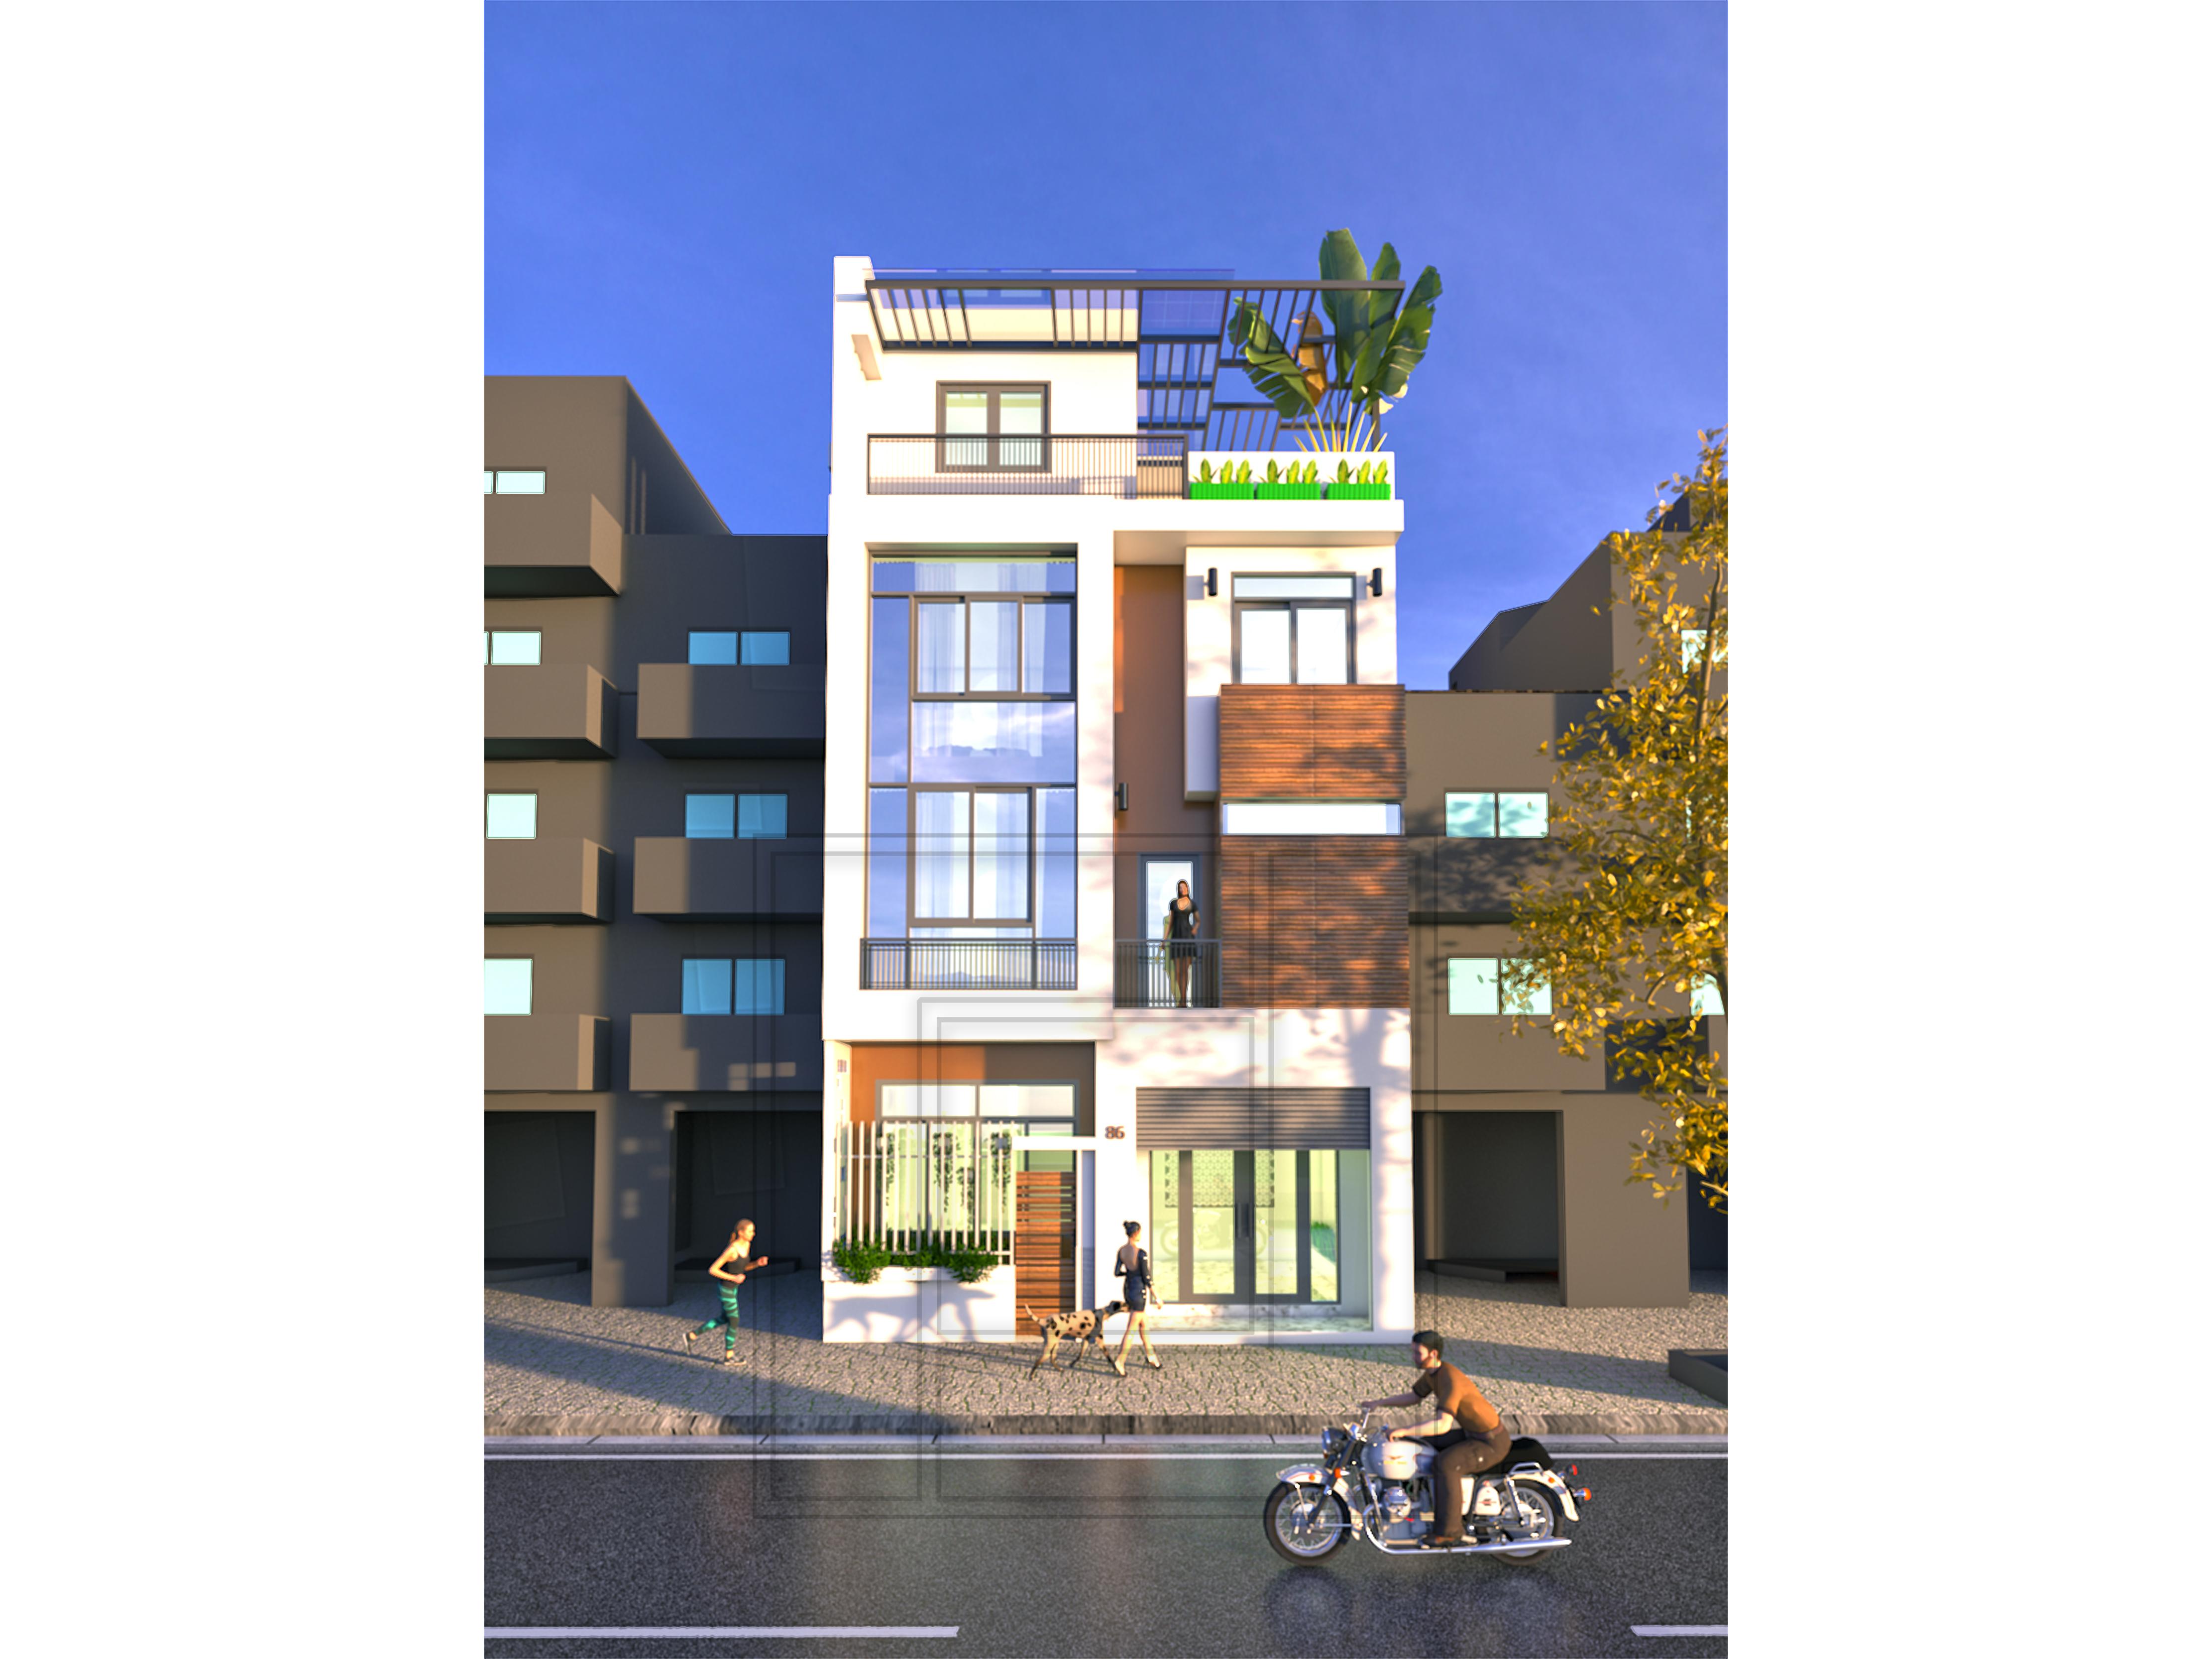 6 Thiết kế kiến trúc và thi công xây dựng nhà phố chuyên nghiệp